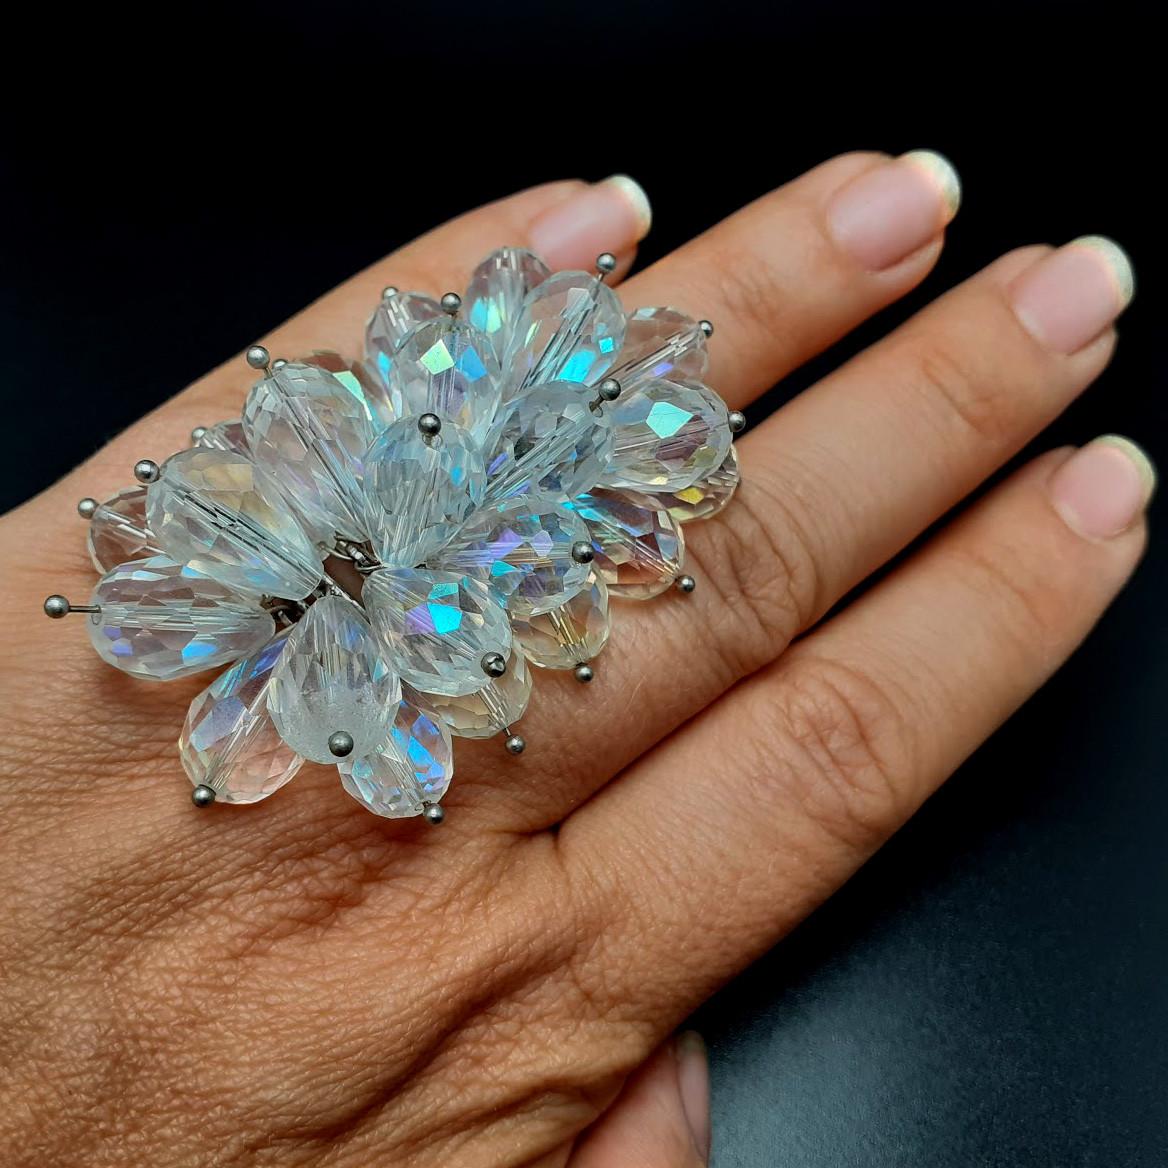 Необычное кольцо с прозрачными кристаллами